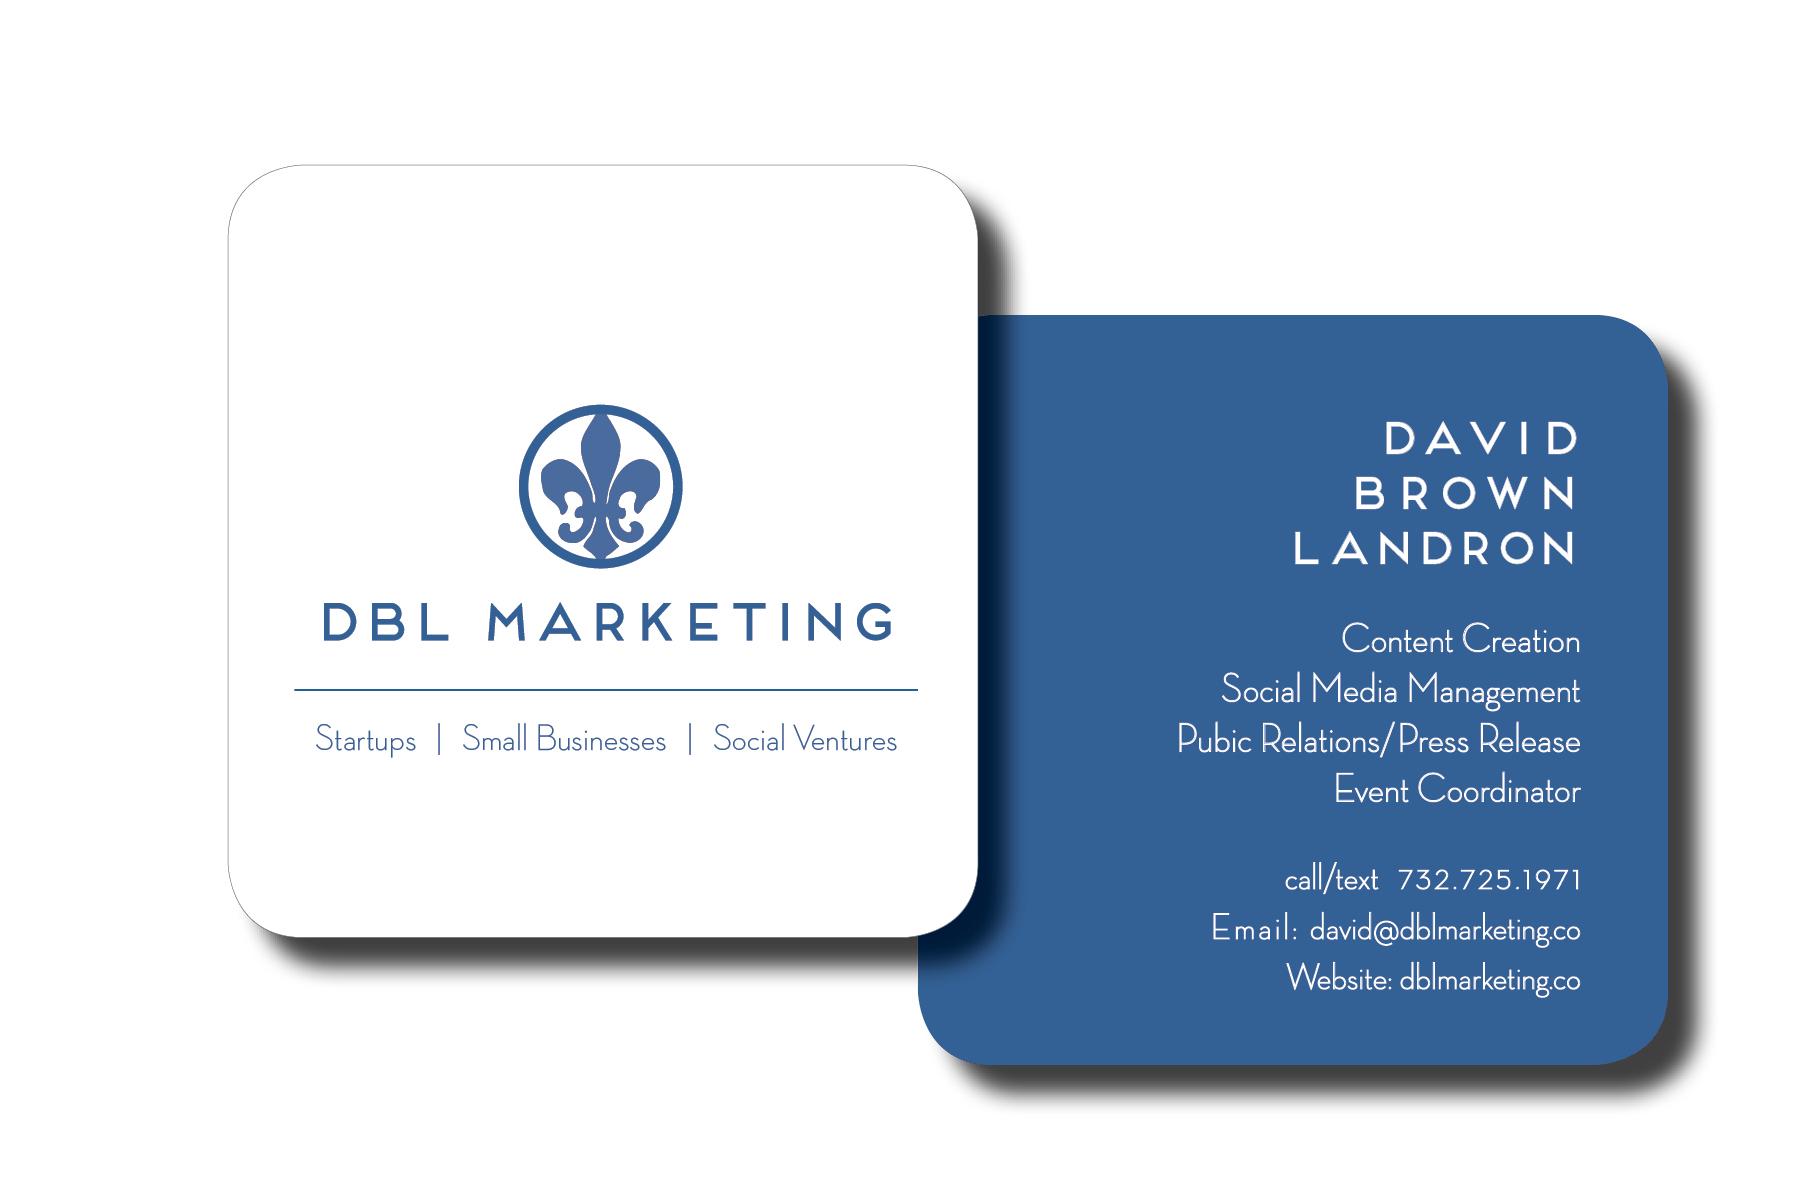 Business Card Portfolio_for website2.jpg